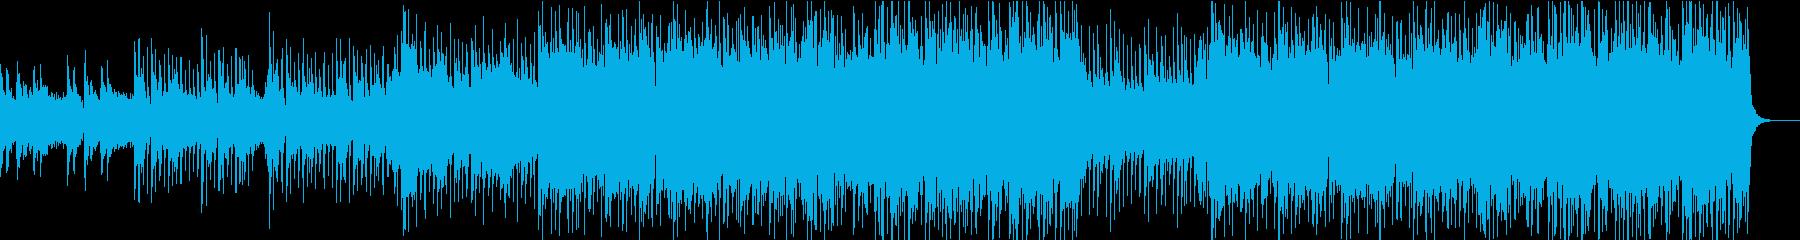 フルートとヴァイオリンの明るい欧風BGMの再生済みの波形